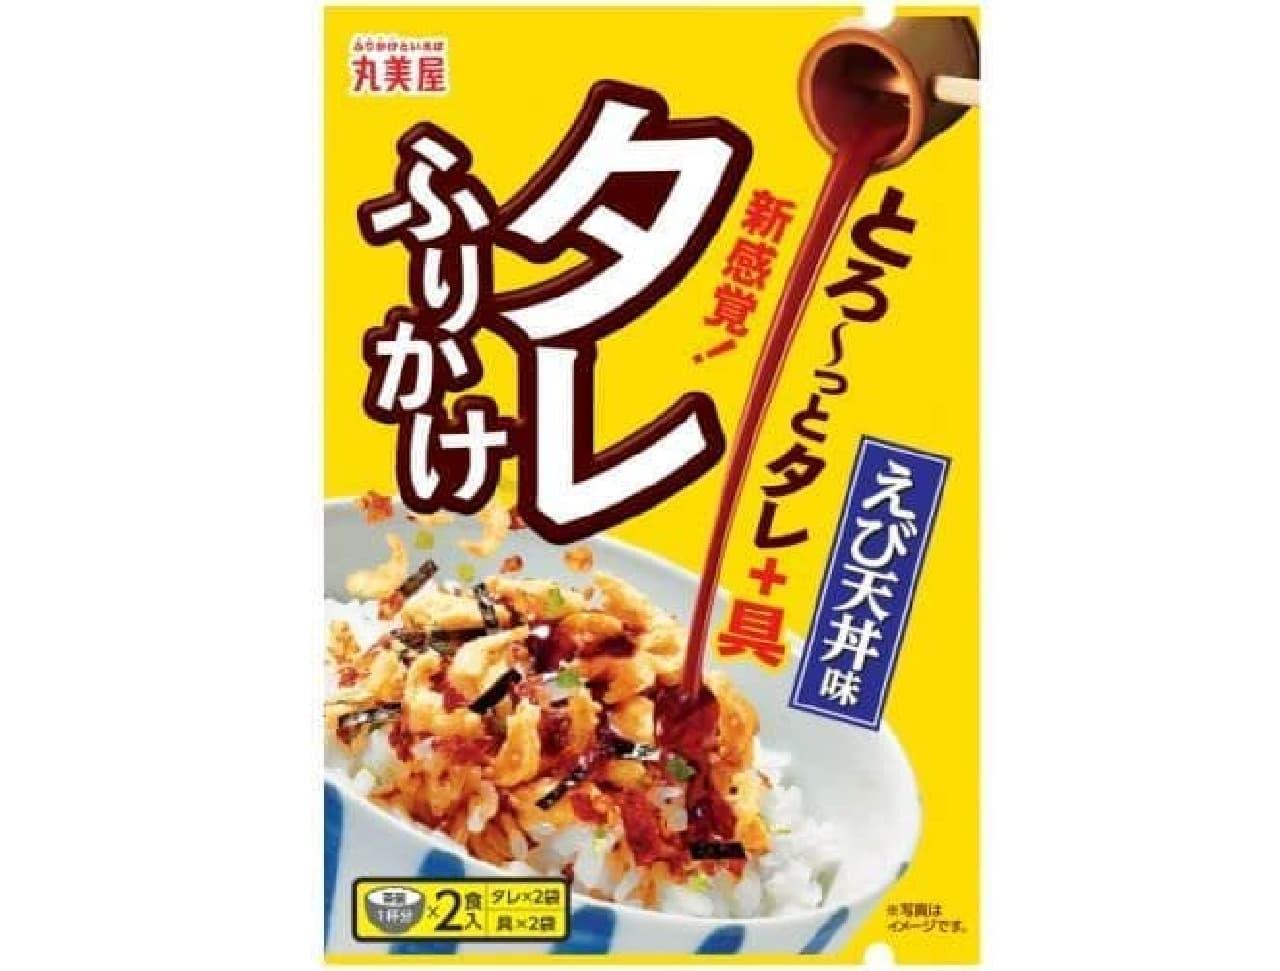 タレふりかけ「タレふりかけ<えび天丼味>」